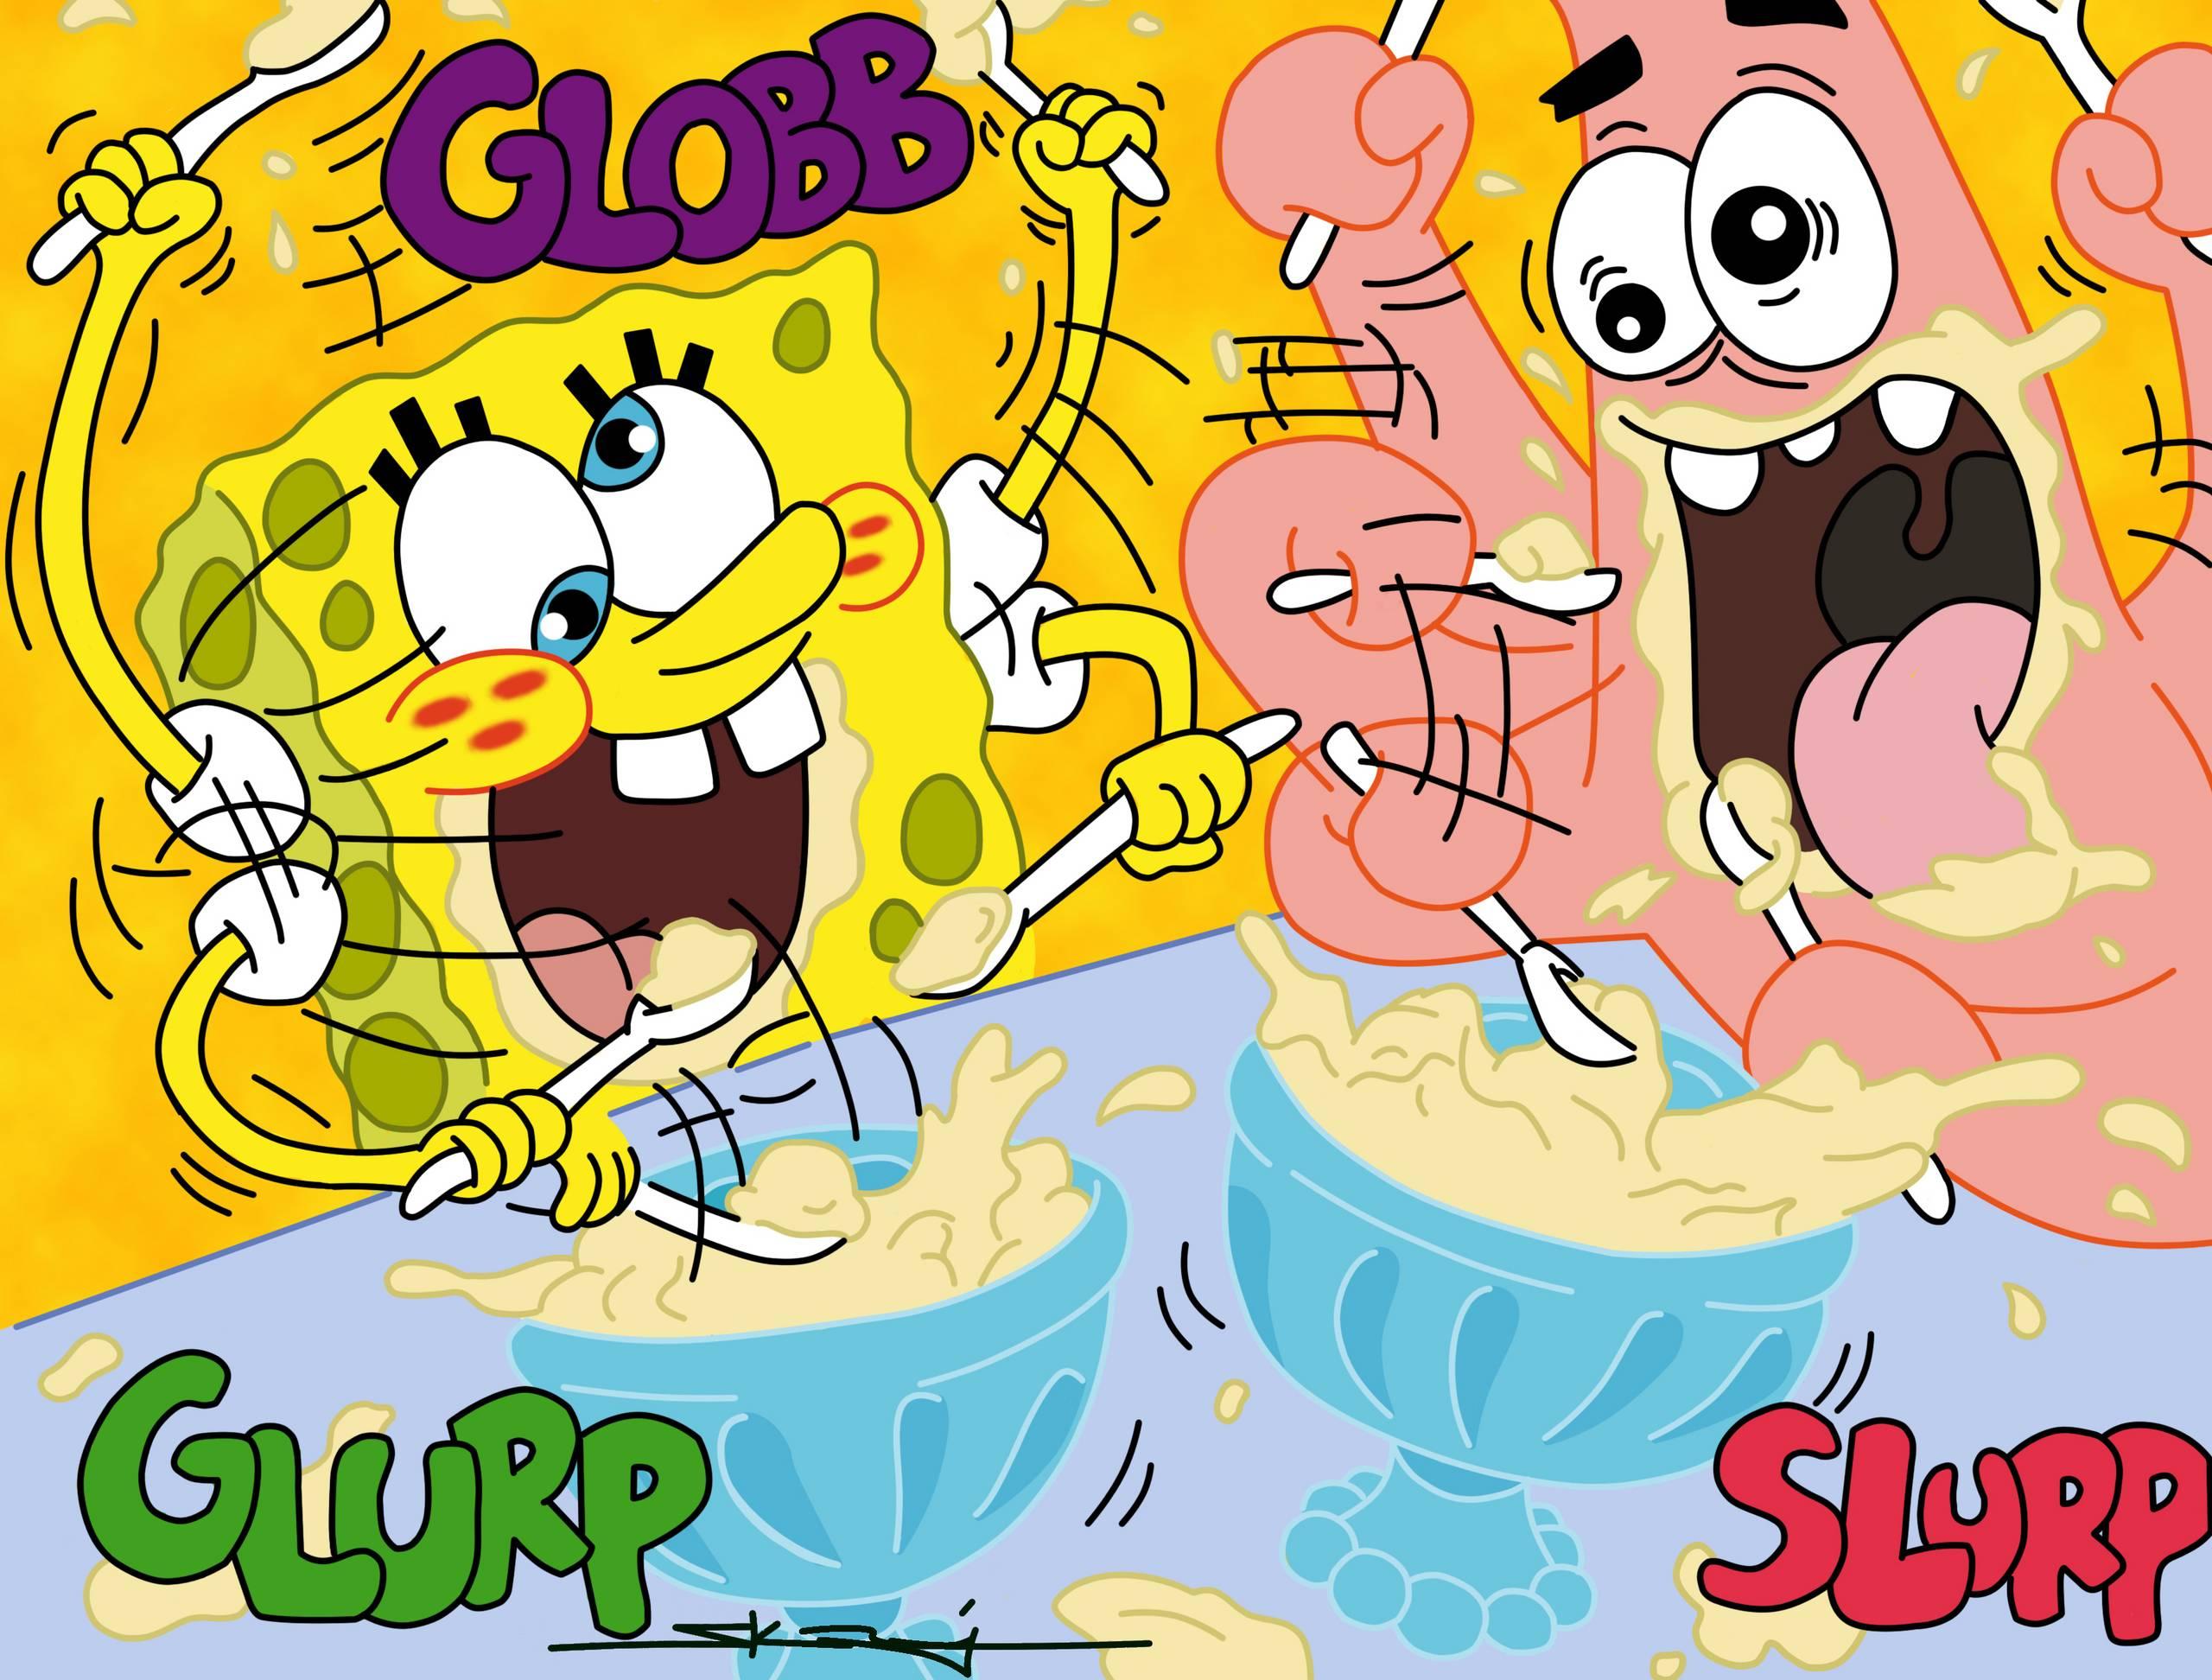 Spongebob Squarepants And Patrick Wallpapers Wallpaper Cave